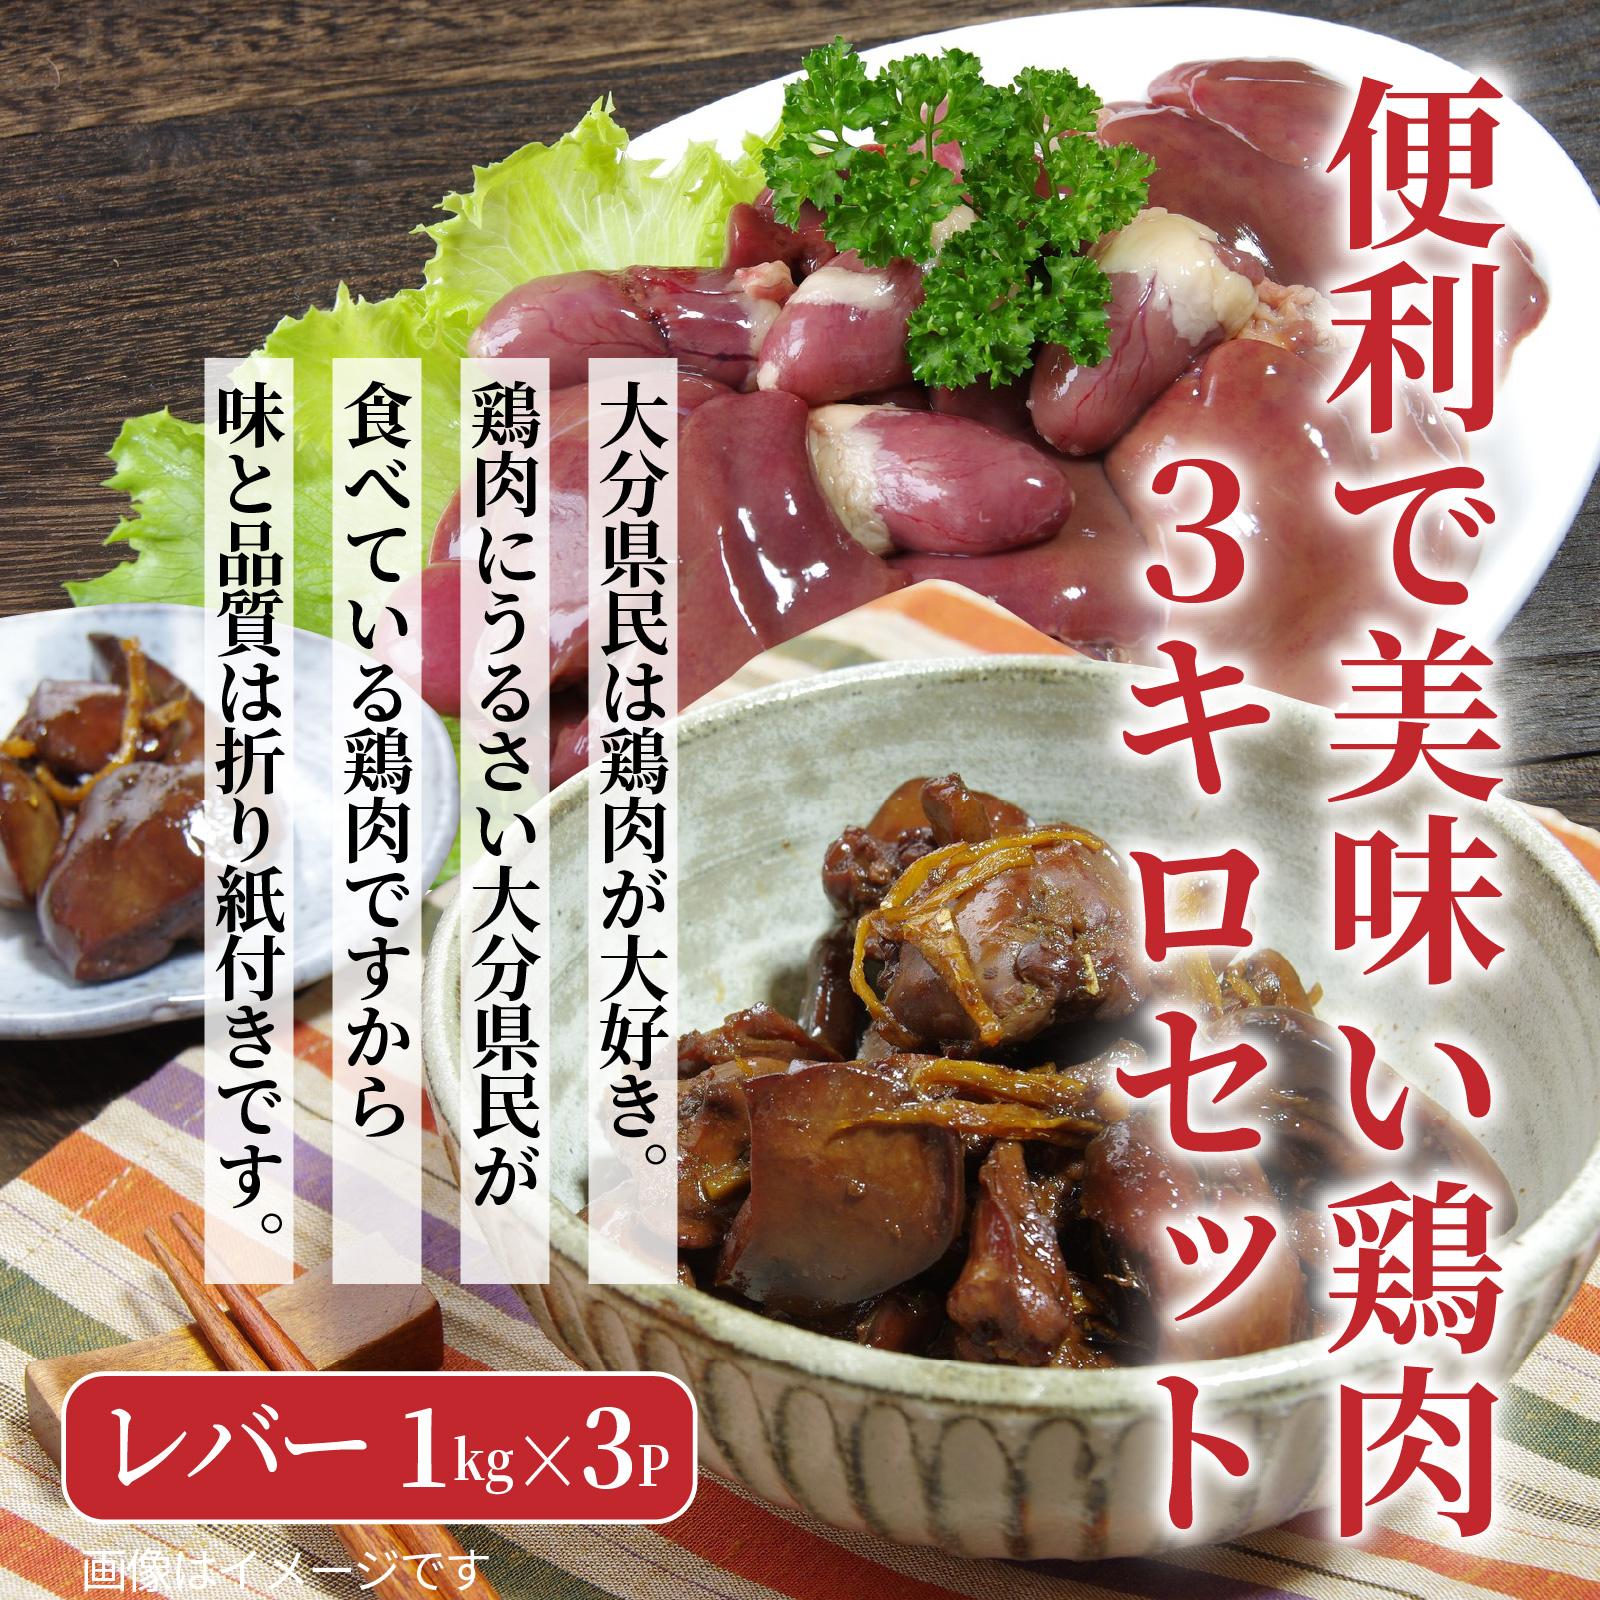 便利で美味い鶏肉3kgセット/レバー1kg×3P